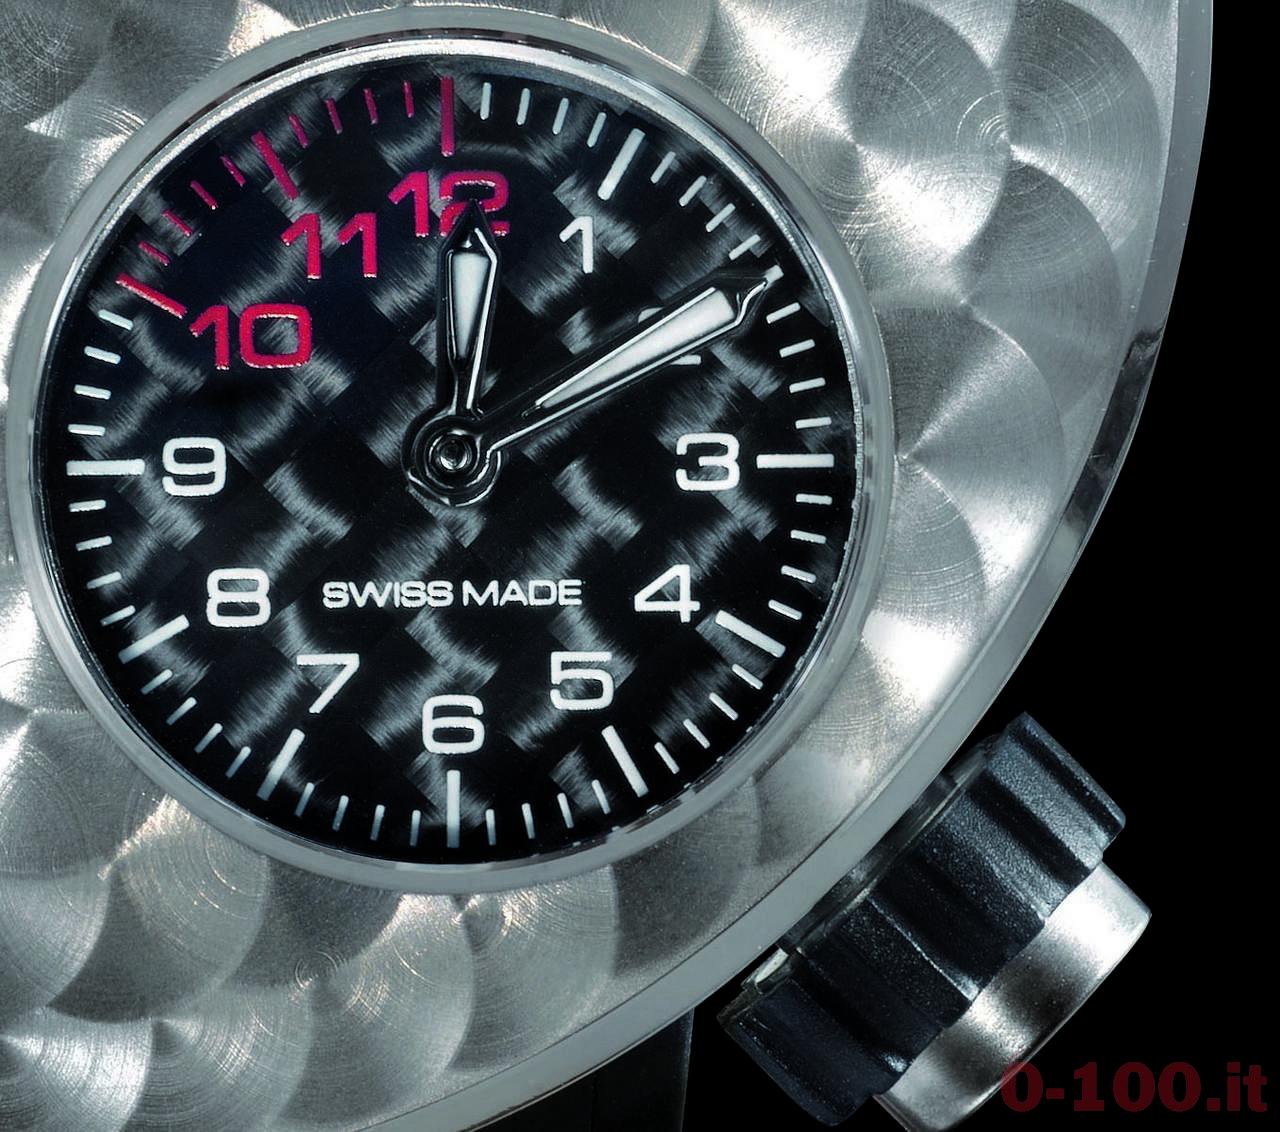 anteprima-baselworld-2016-meccaniche-veloci-icon-quattro-valvole-48-four-strokes-prezzo-price_0-1005